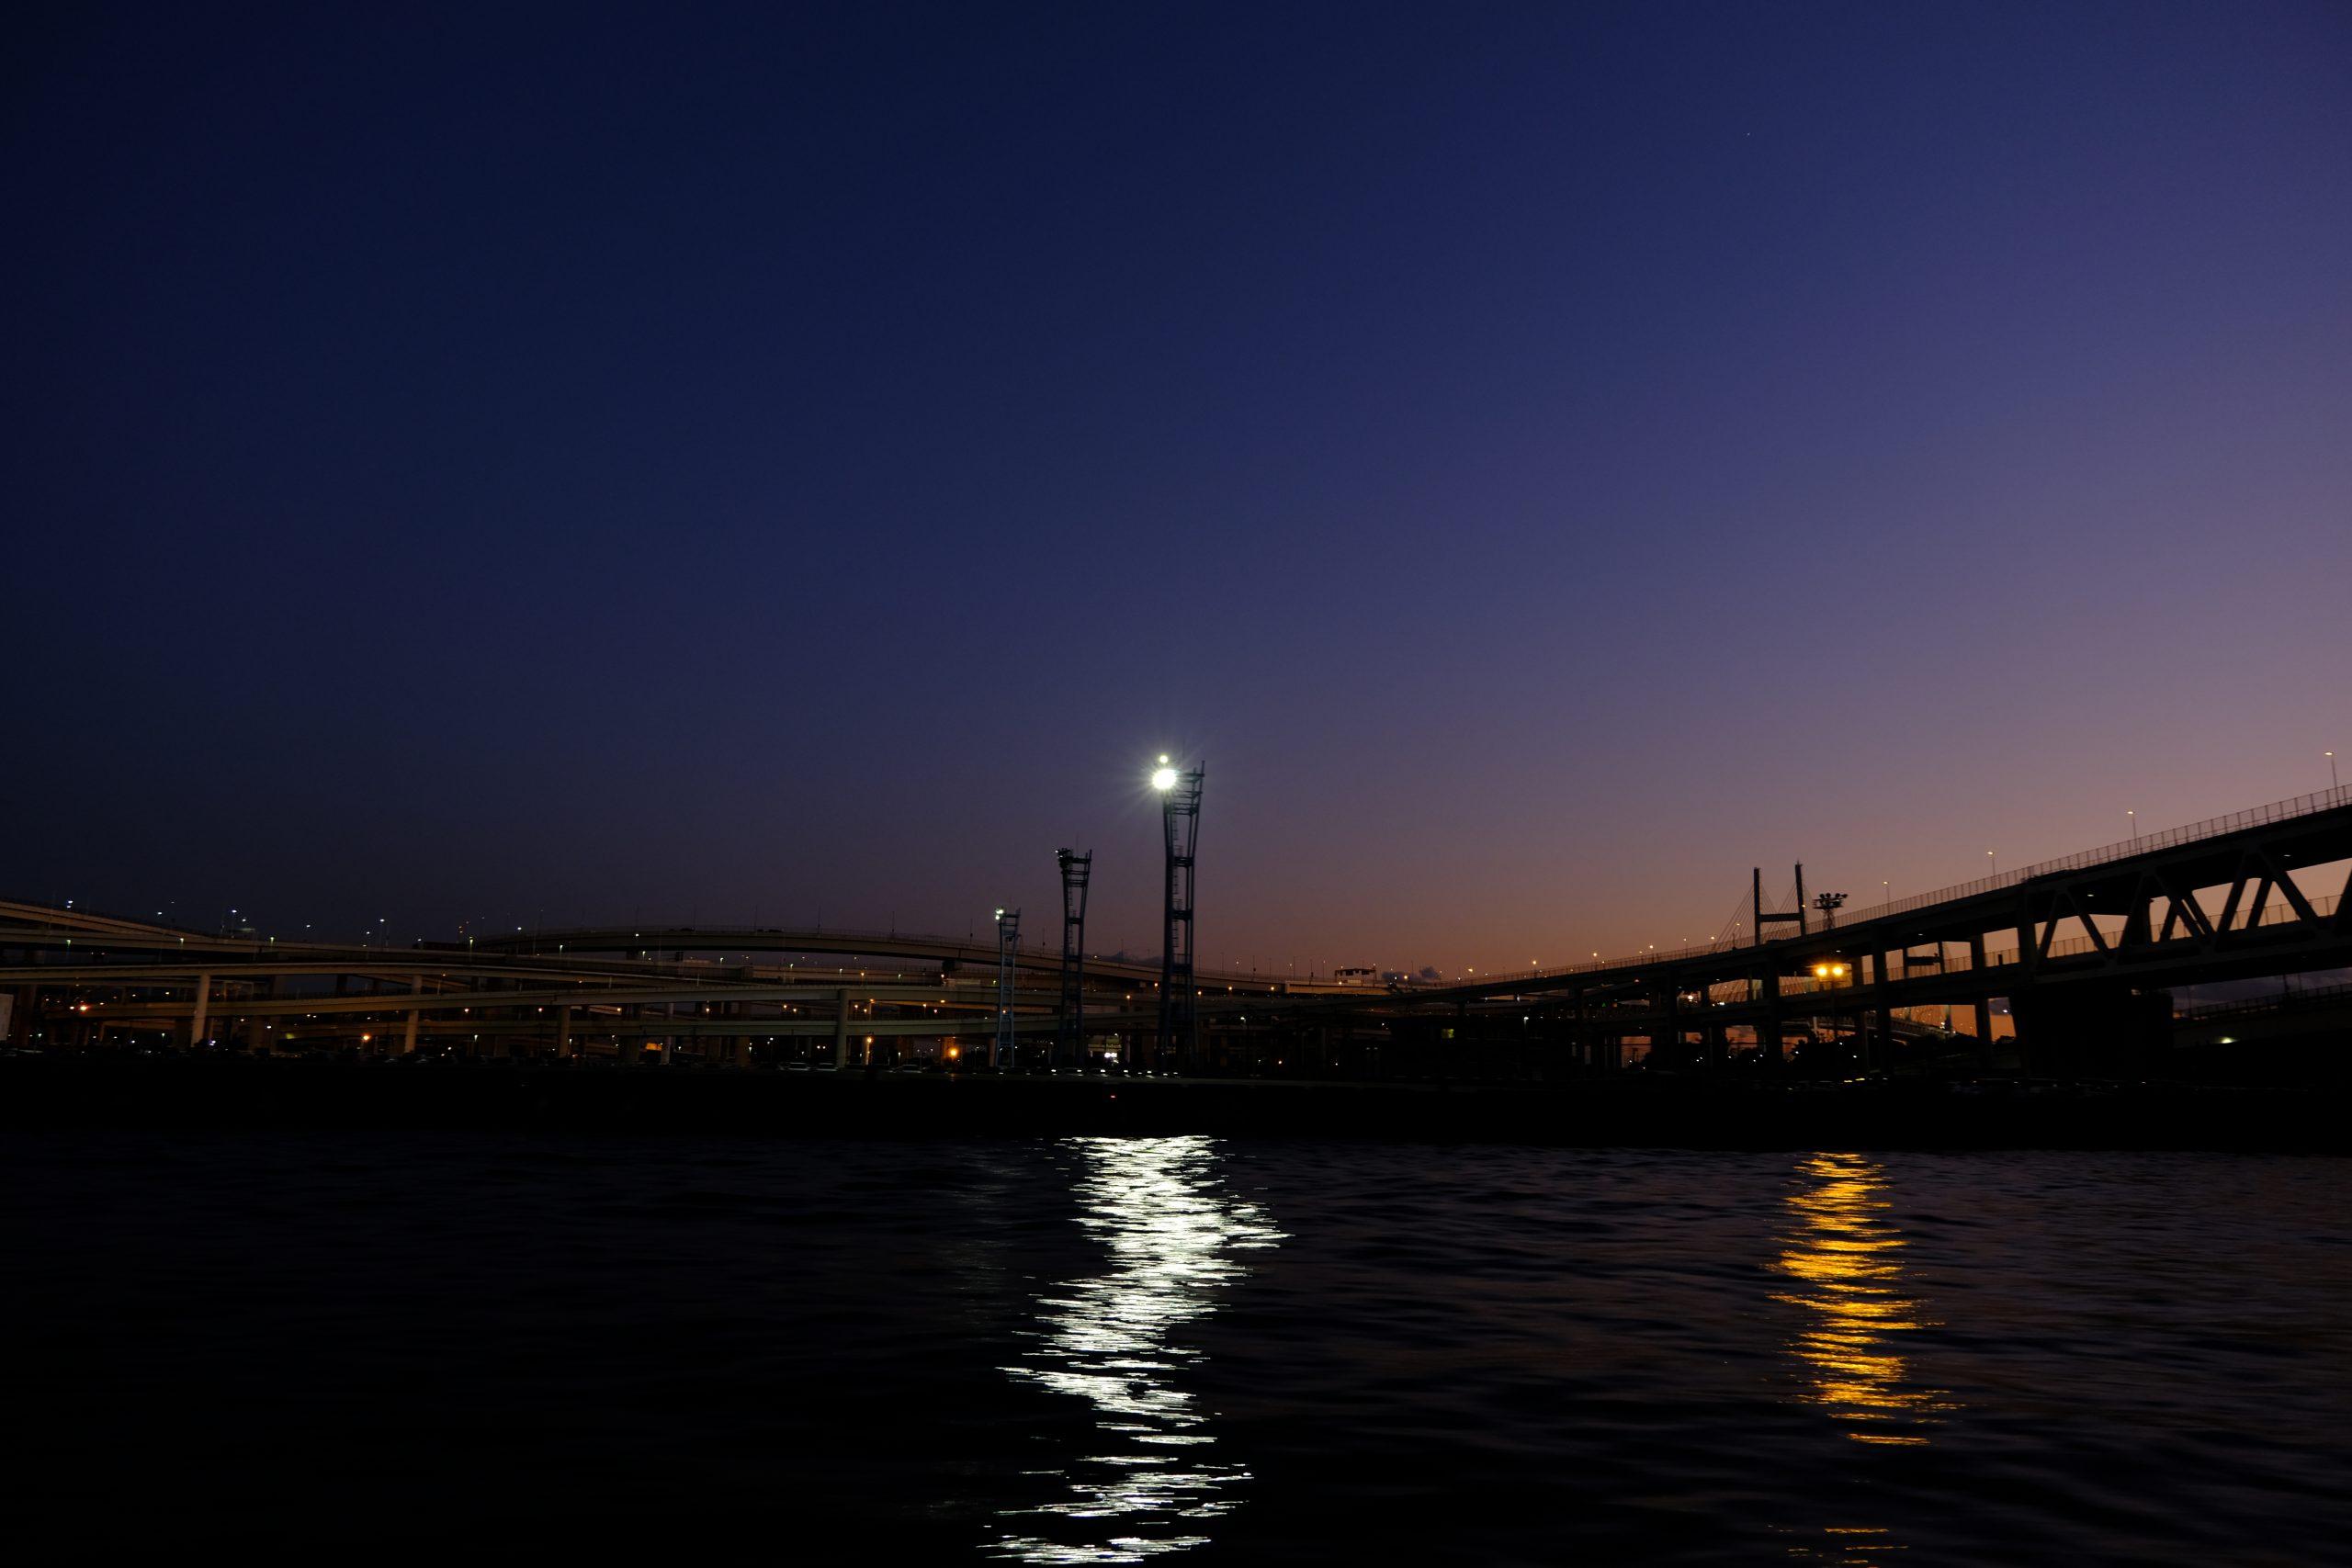 【FUJIFILM】工場夜景×X-H1